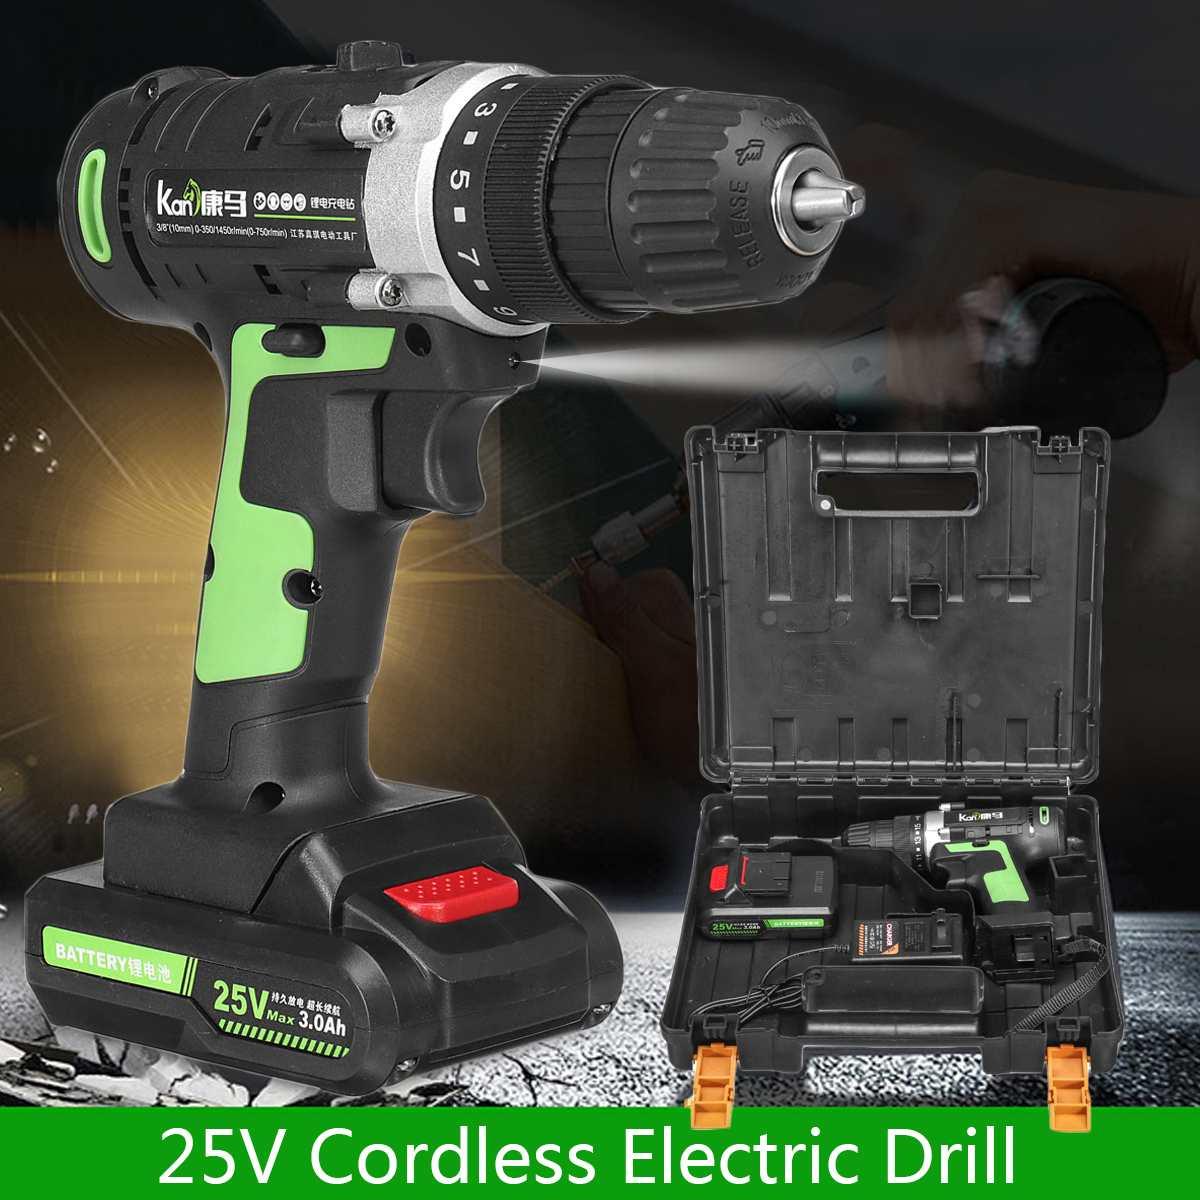 Installation outils électriques 25 V 3.0Ah Kit de clé à chocs électrique sans fil perceuse 3/8 ''tournevis 2 batterie Li batterie perceuse à main